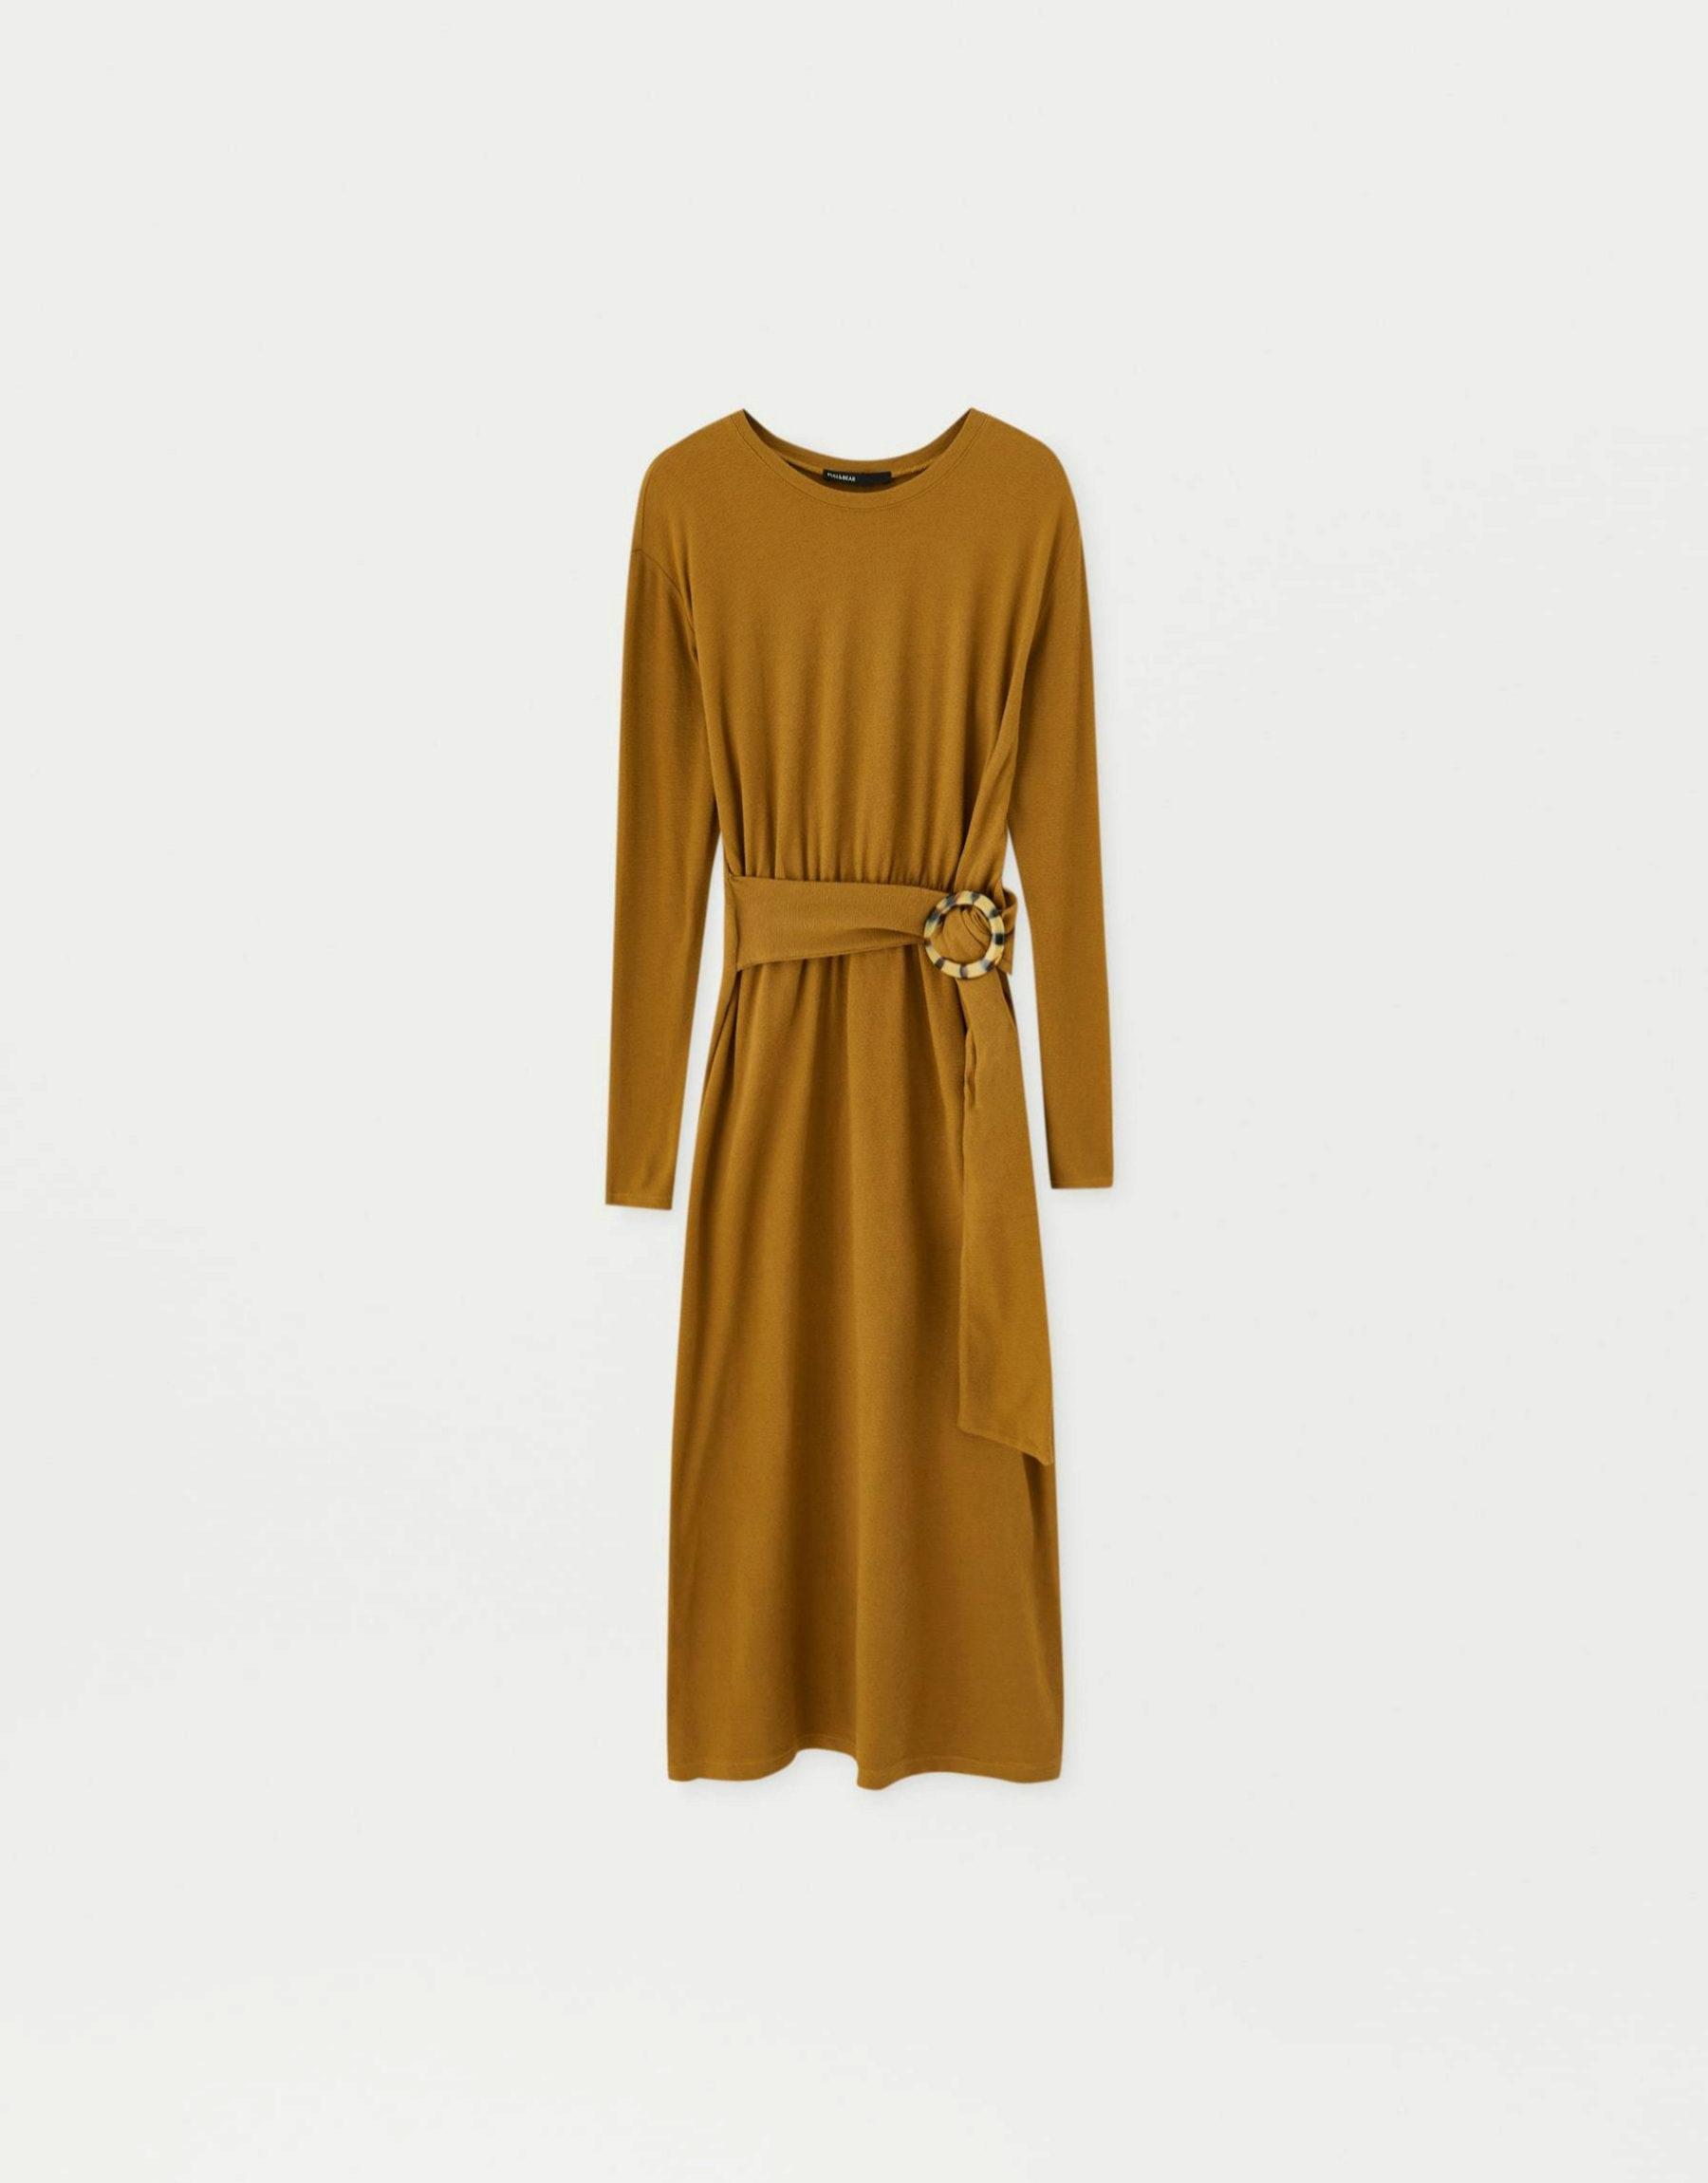 Vestido de algodón en tonos tierra de Pull & Bear